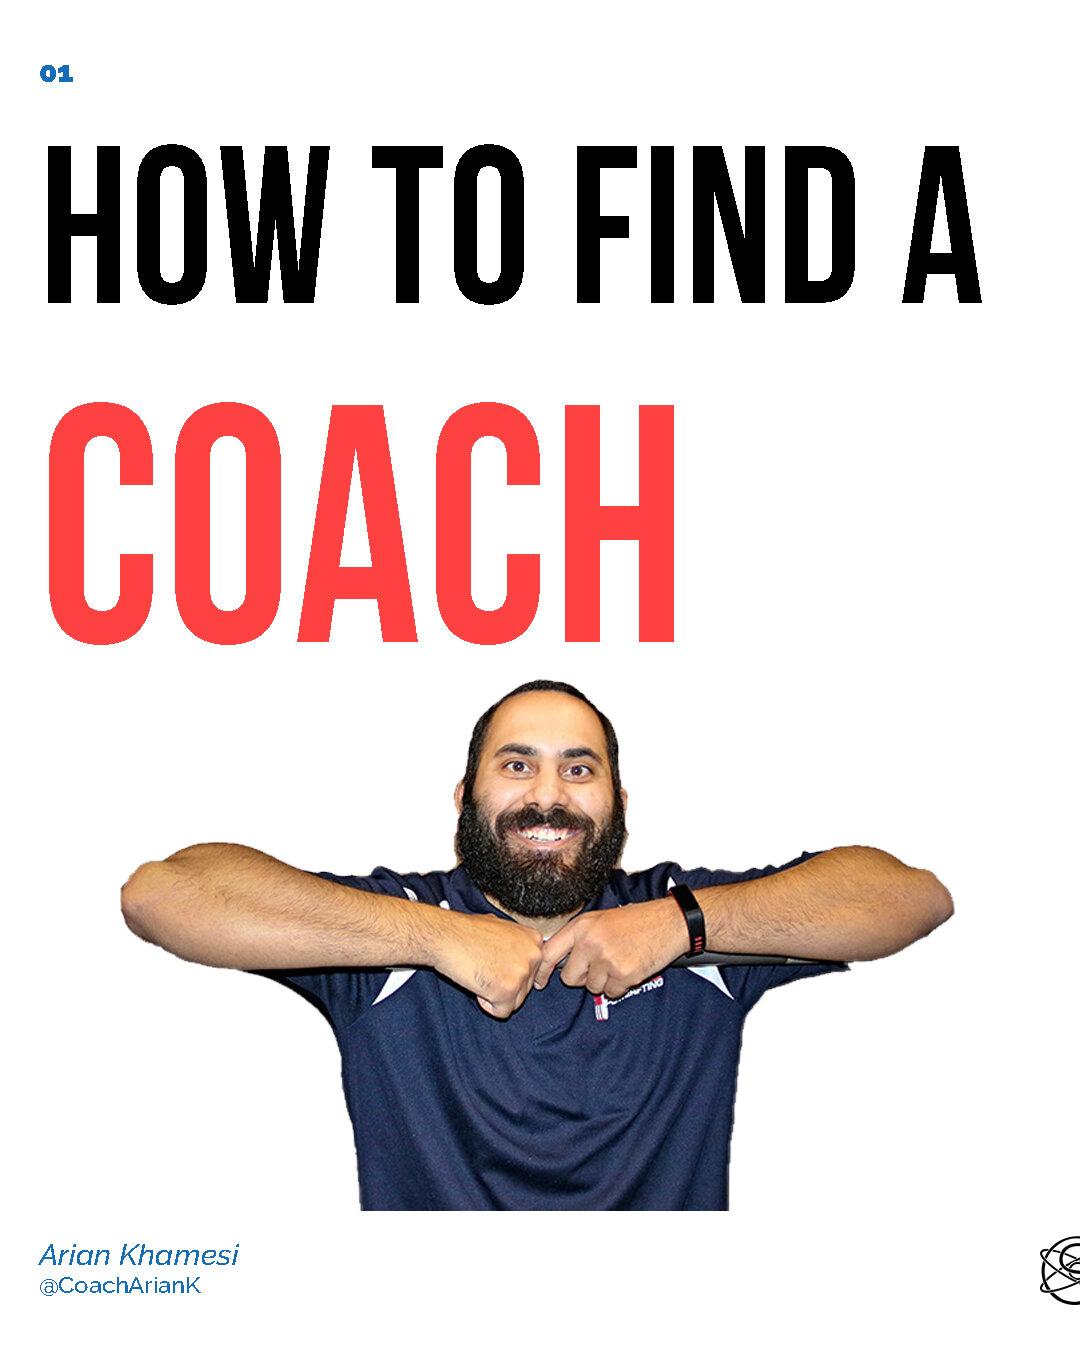 Find-a-Coach_01.jpg